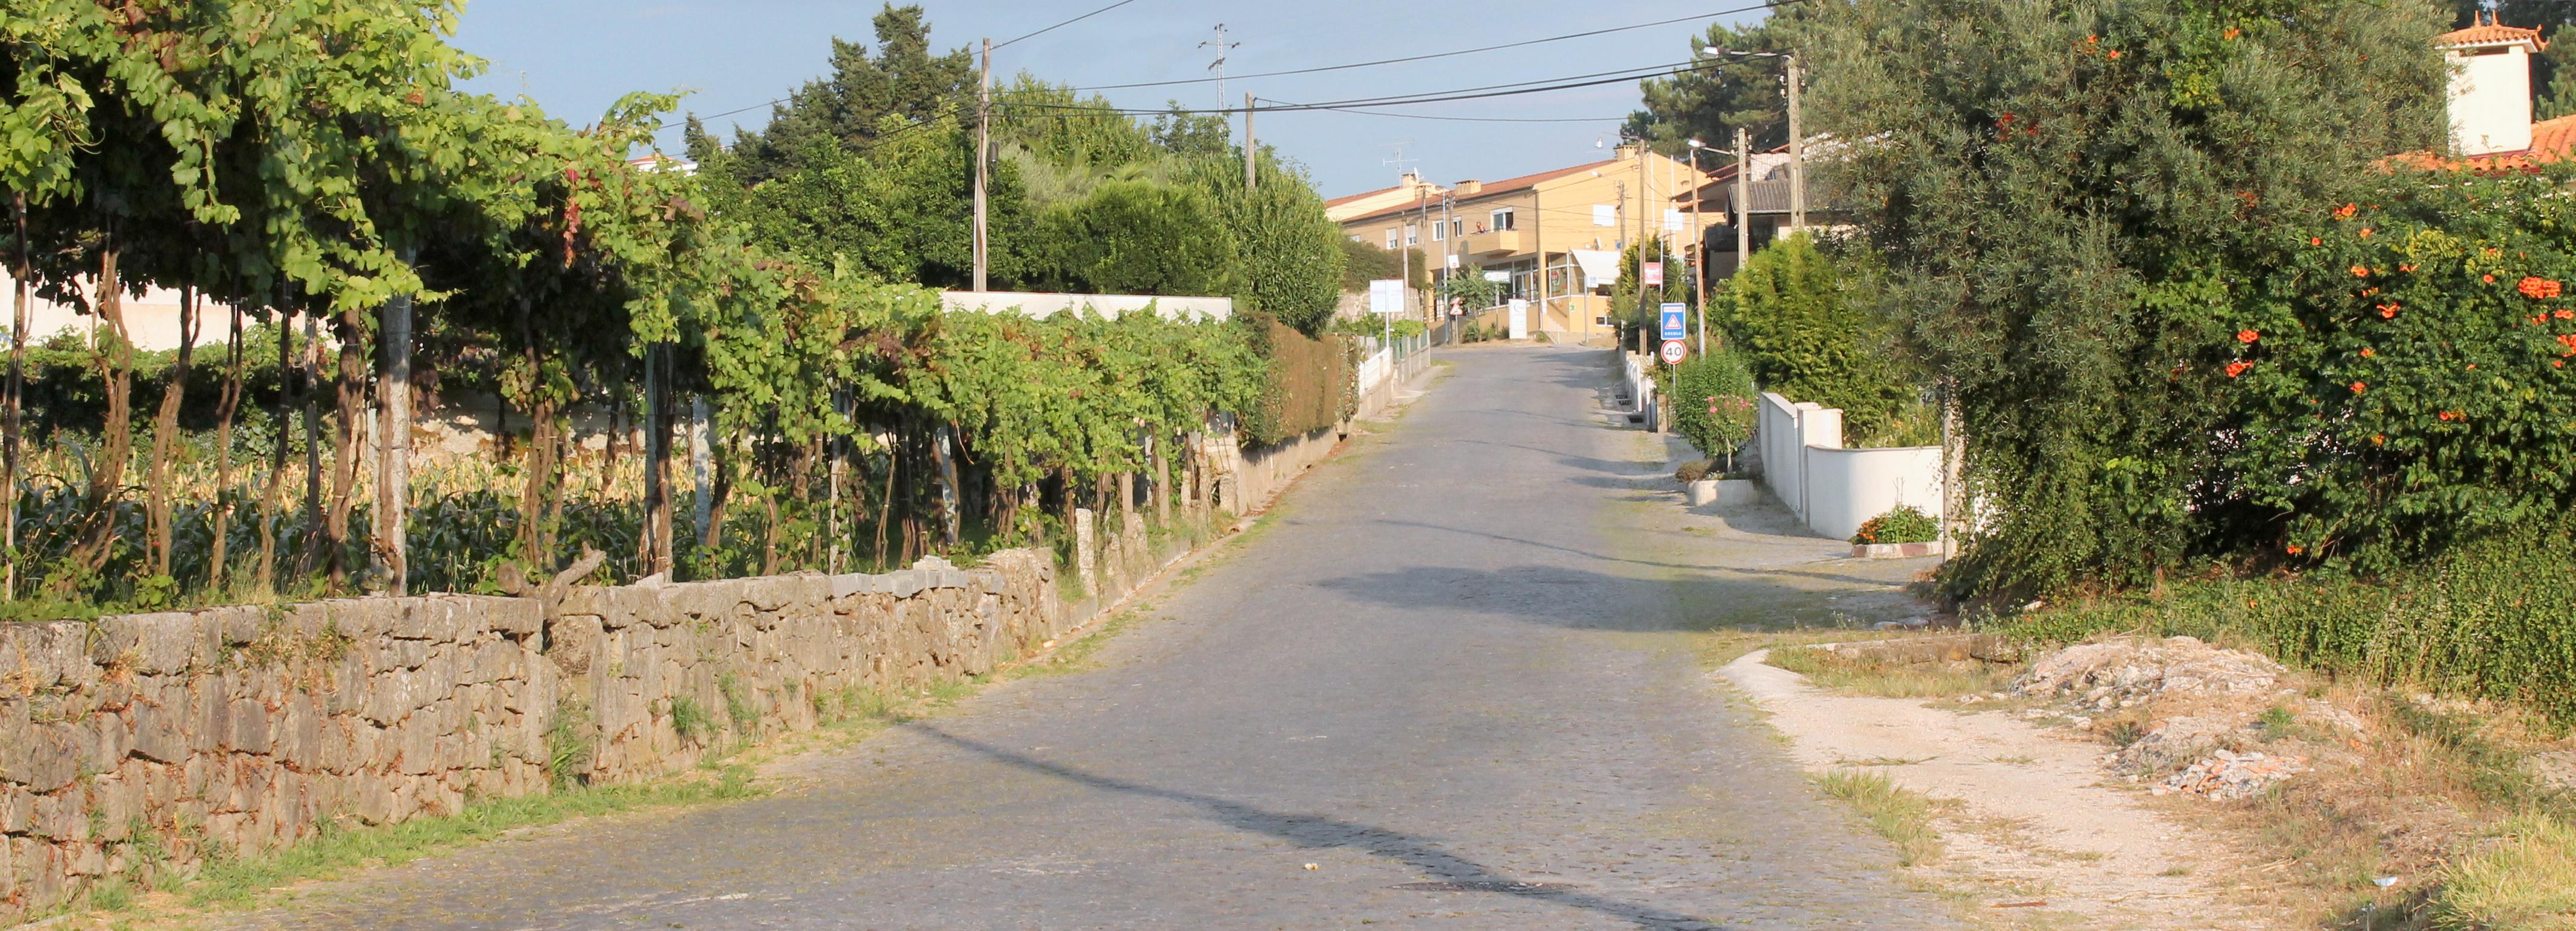 Câmara Municipal abre concurso público para o arranjo da Estrada entre Sequeade e Bastuço